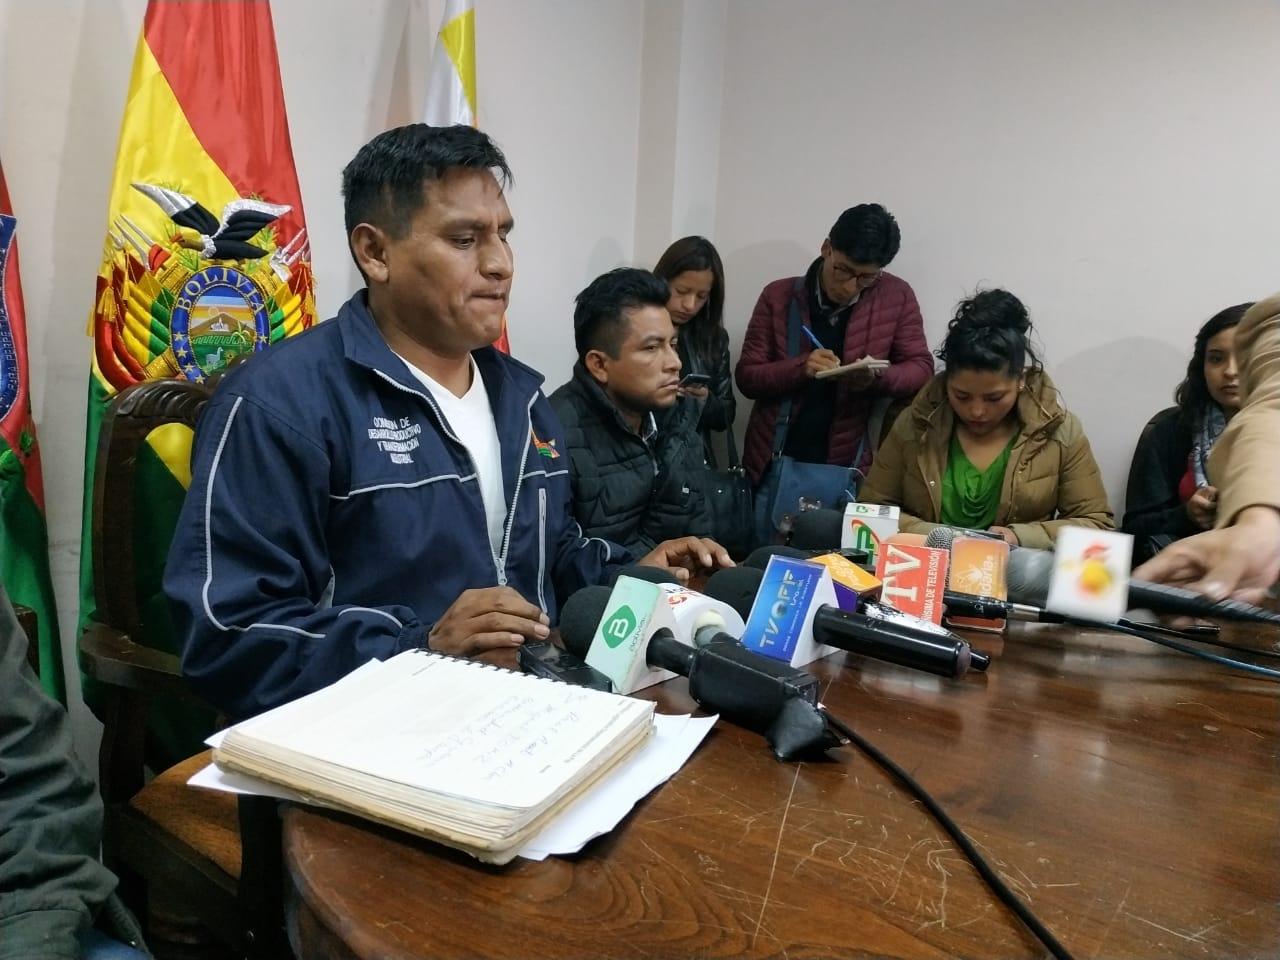 Asamblea Legislativa promulga la Ley de Fiscalización que permitirá investigar a la Gobernación de La Paz